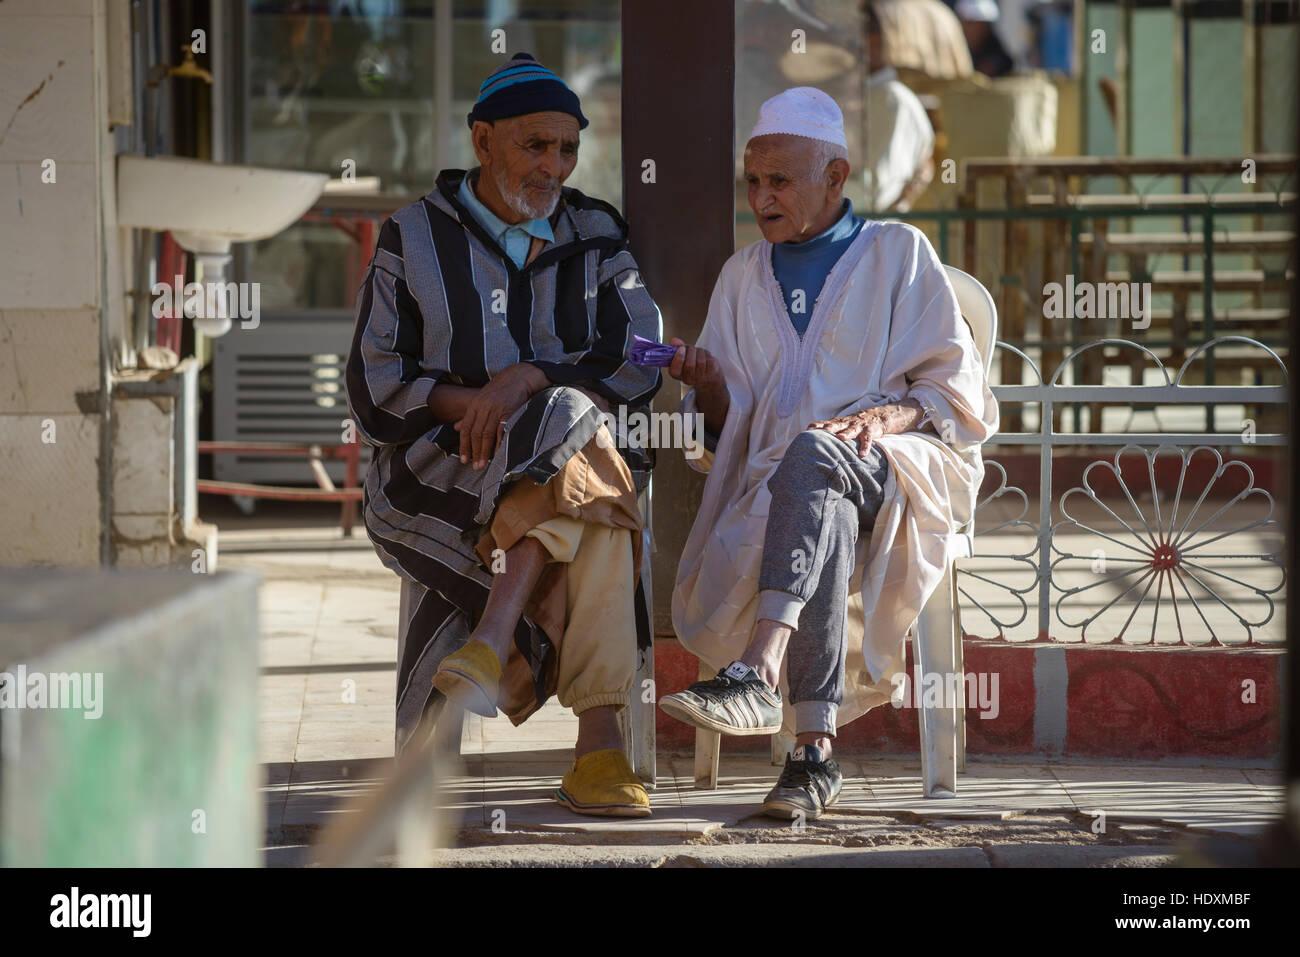 Gli uomini marocchini, Marocco Immagini Stock